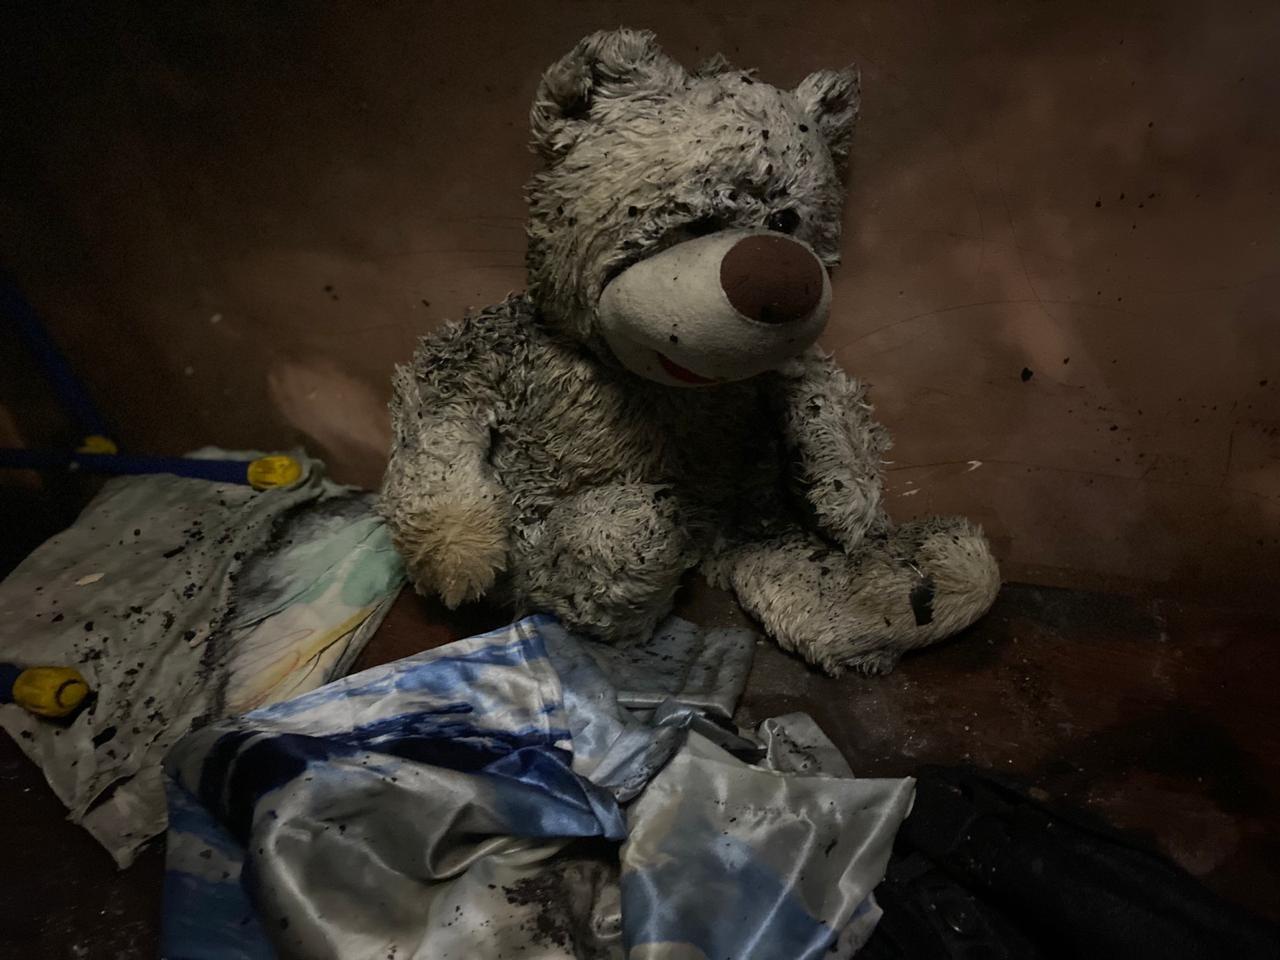 Появились кадры с пожара в Крыму, где заживо сгорели дети и дедушка